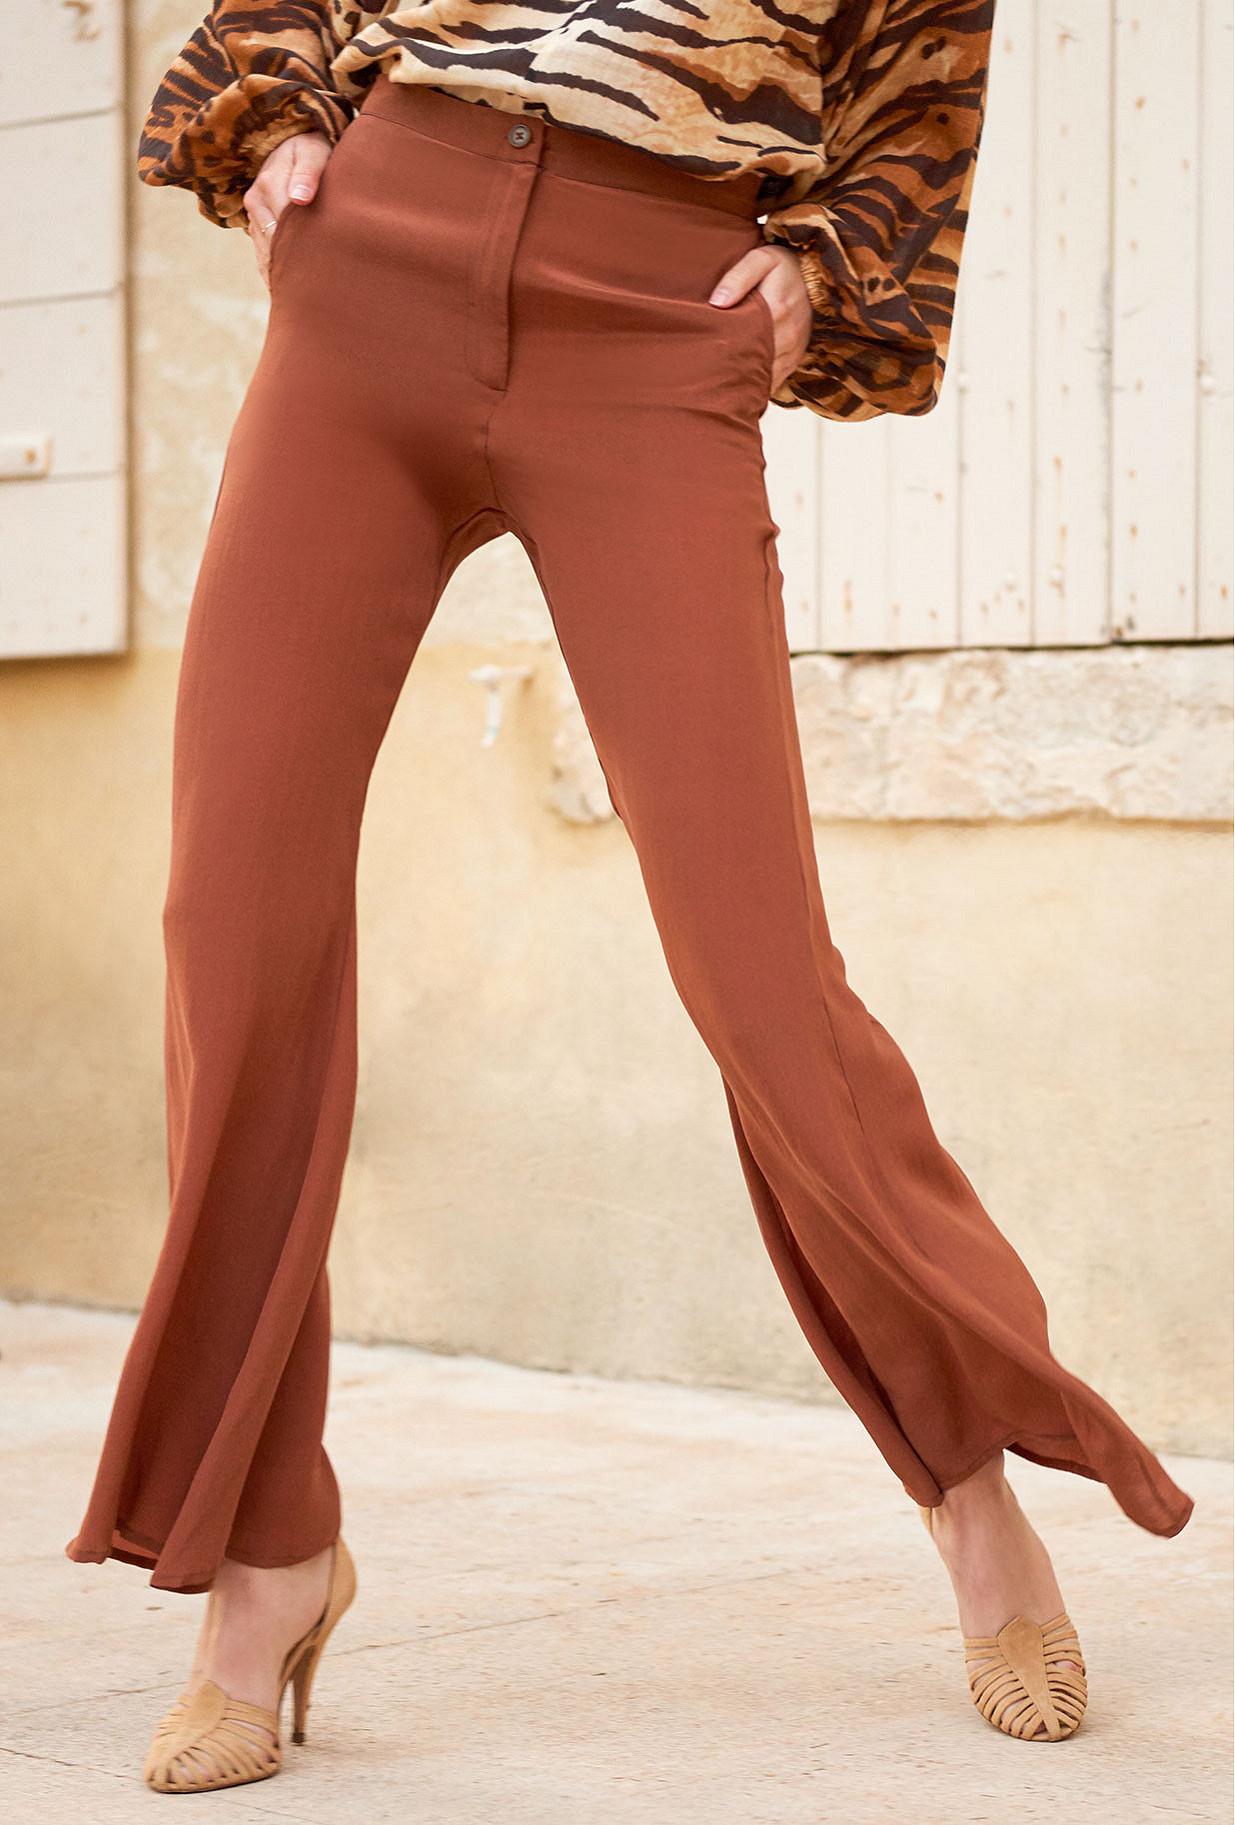 Pantalon Noisette  Express mes demoiselles paris vêtement femme paris